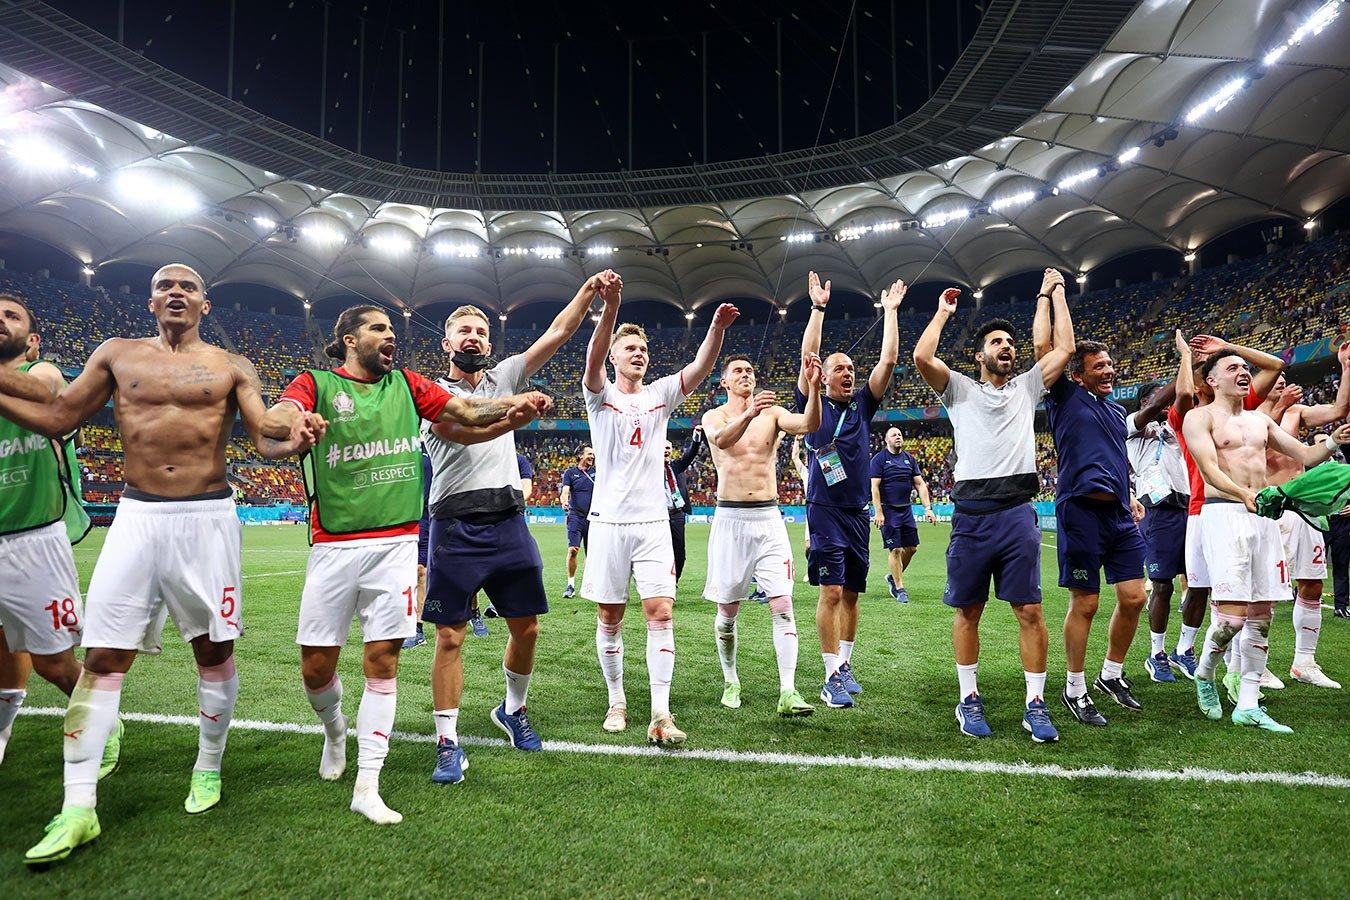 Швейцария встретится с Испанией на стадии 1/4 финала Евро. Матч пройдёт в Санкт-Петербурге